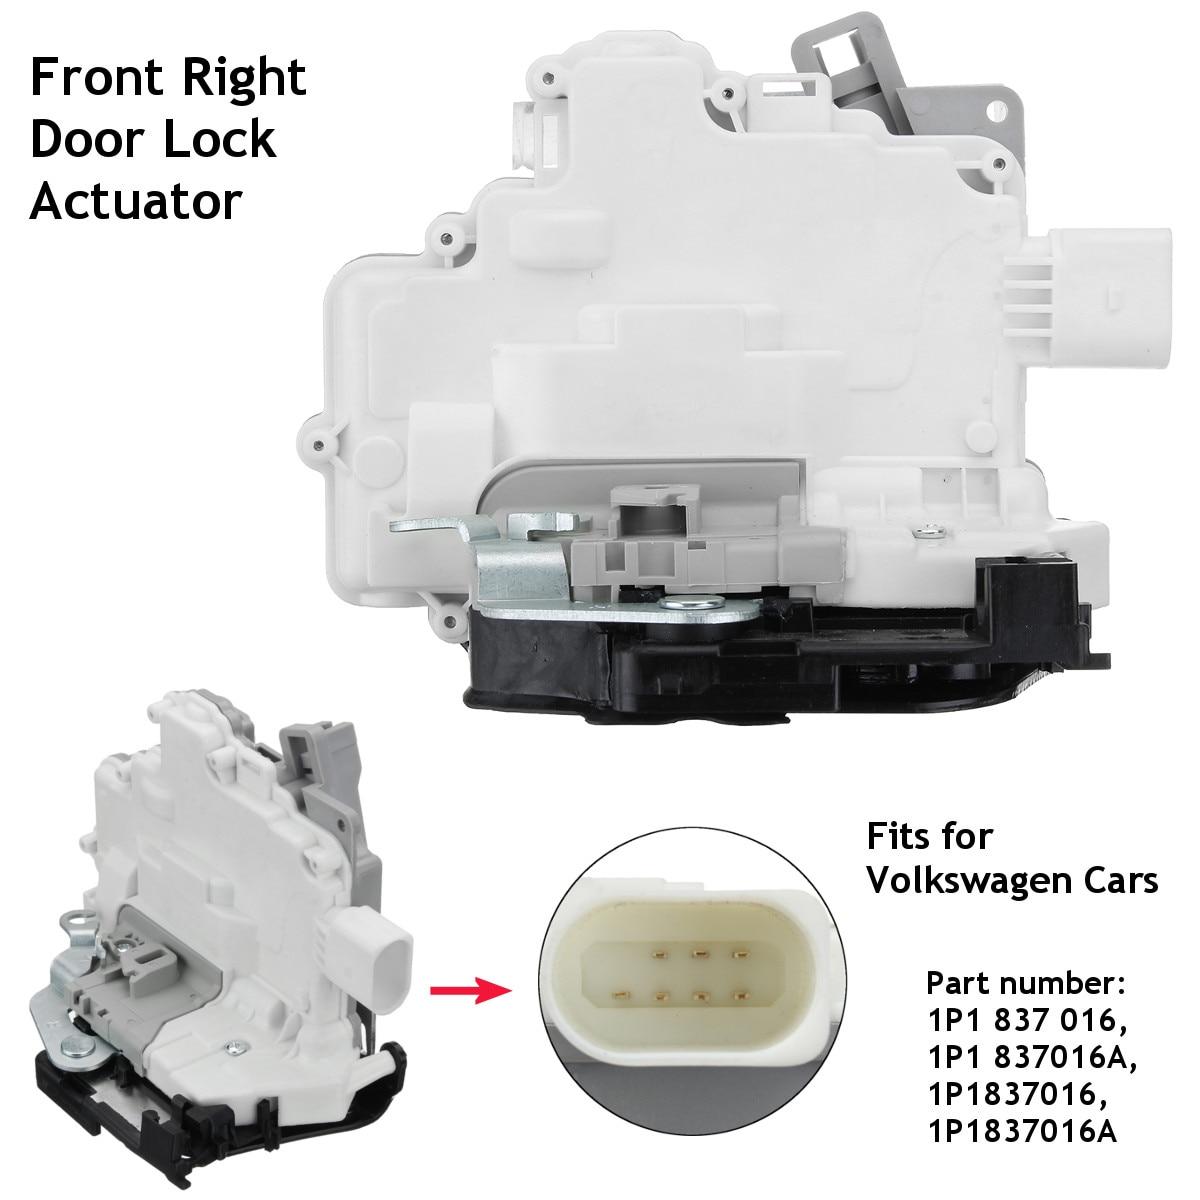 Mécanisme de verrouillage de porte avant droite pour siège VW Altea Toledo 3 mk3 Leon Altea XL 5P1 5P2 1P1 5P5 5P8 EOS 1F7 1F8